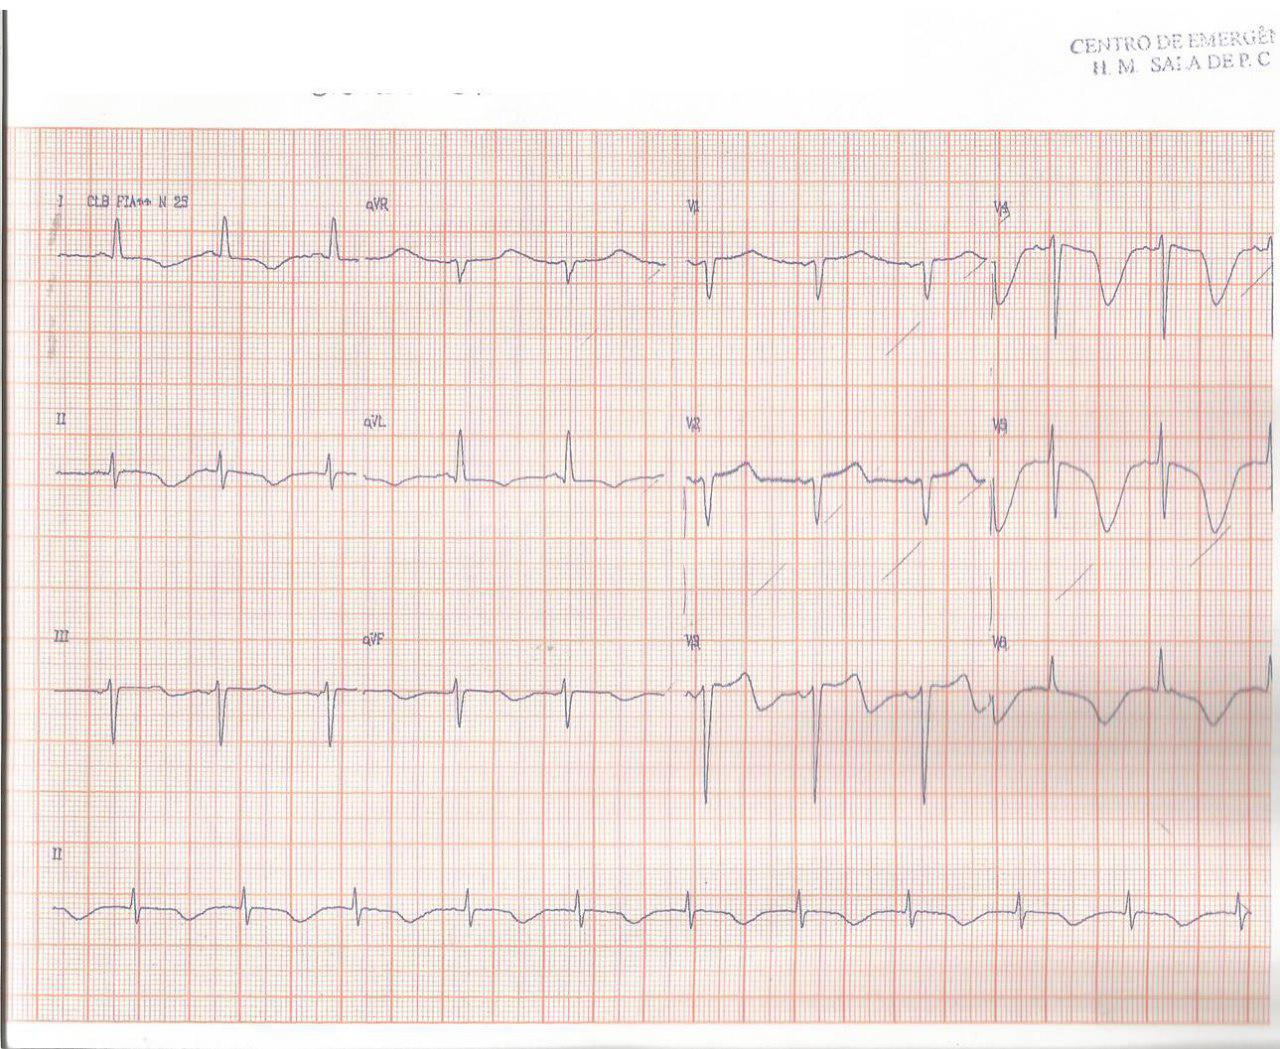 Paciente hipertenso de 67 años con somnolencia por presentar hemorragia subaracnoidea con típicos cambios de QT prolongado y ondas T negativas